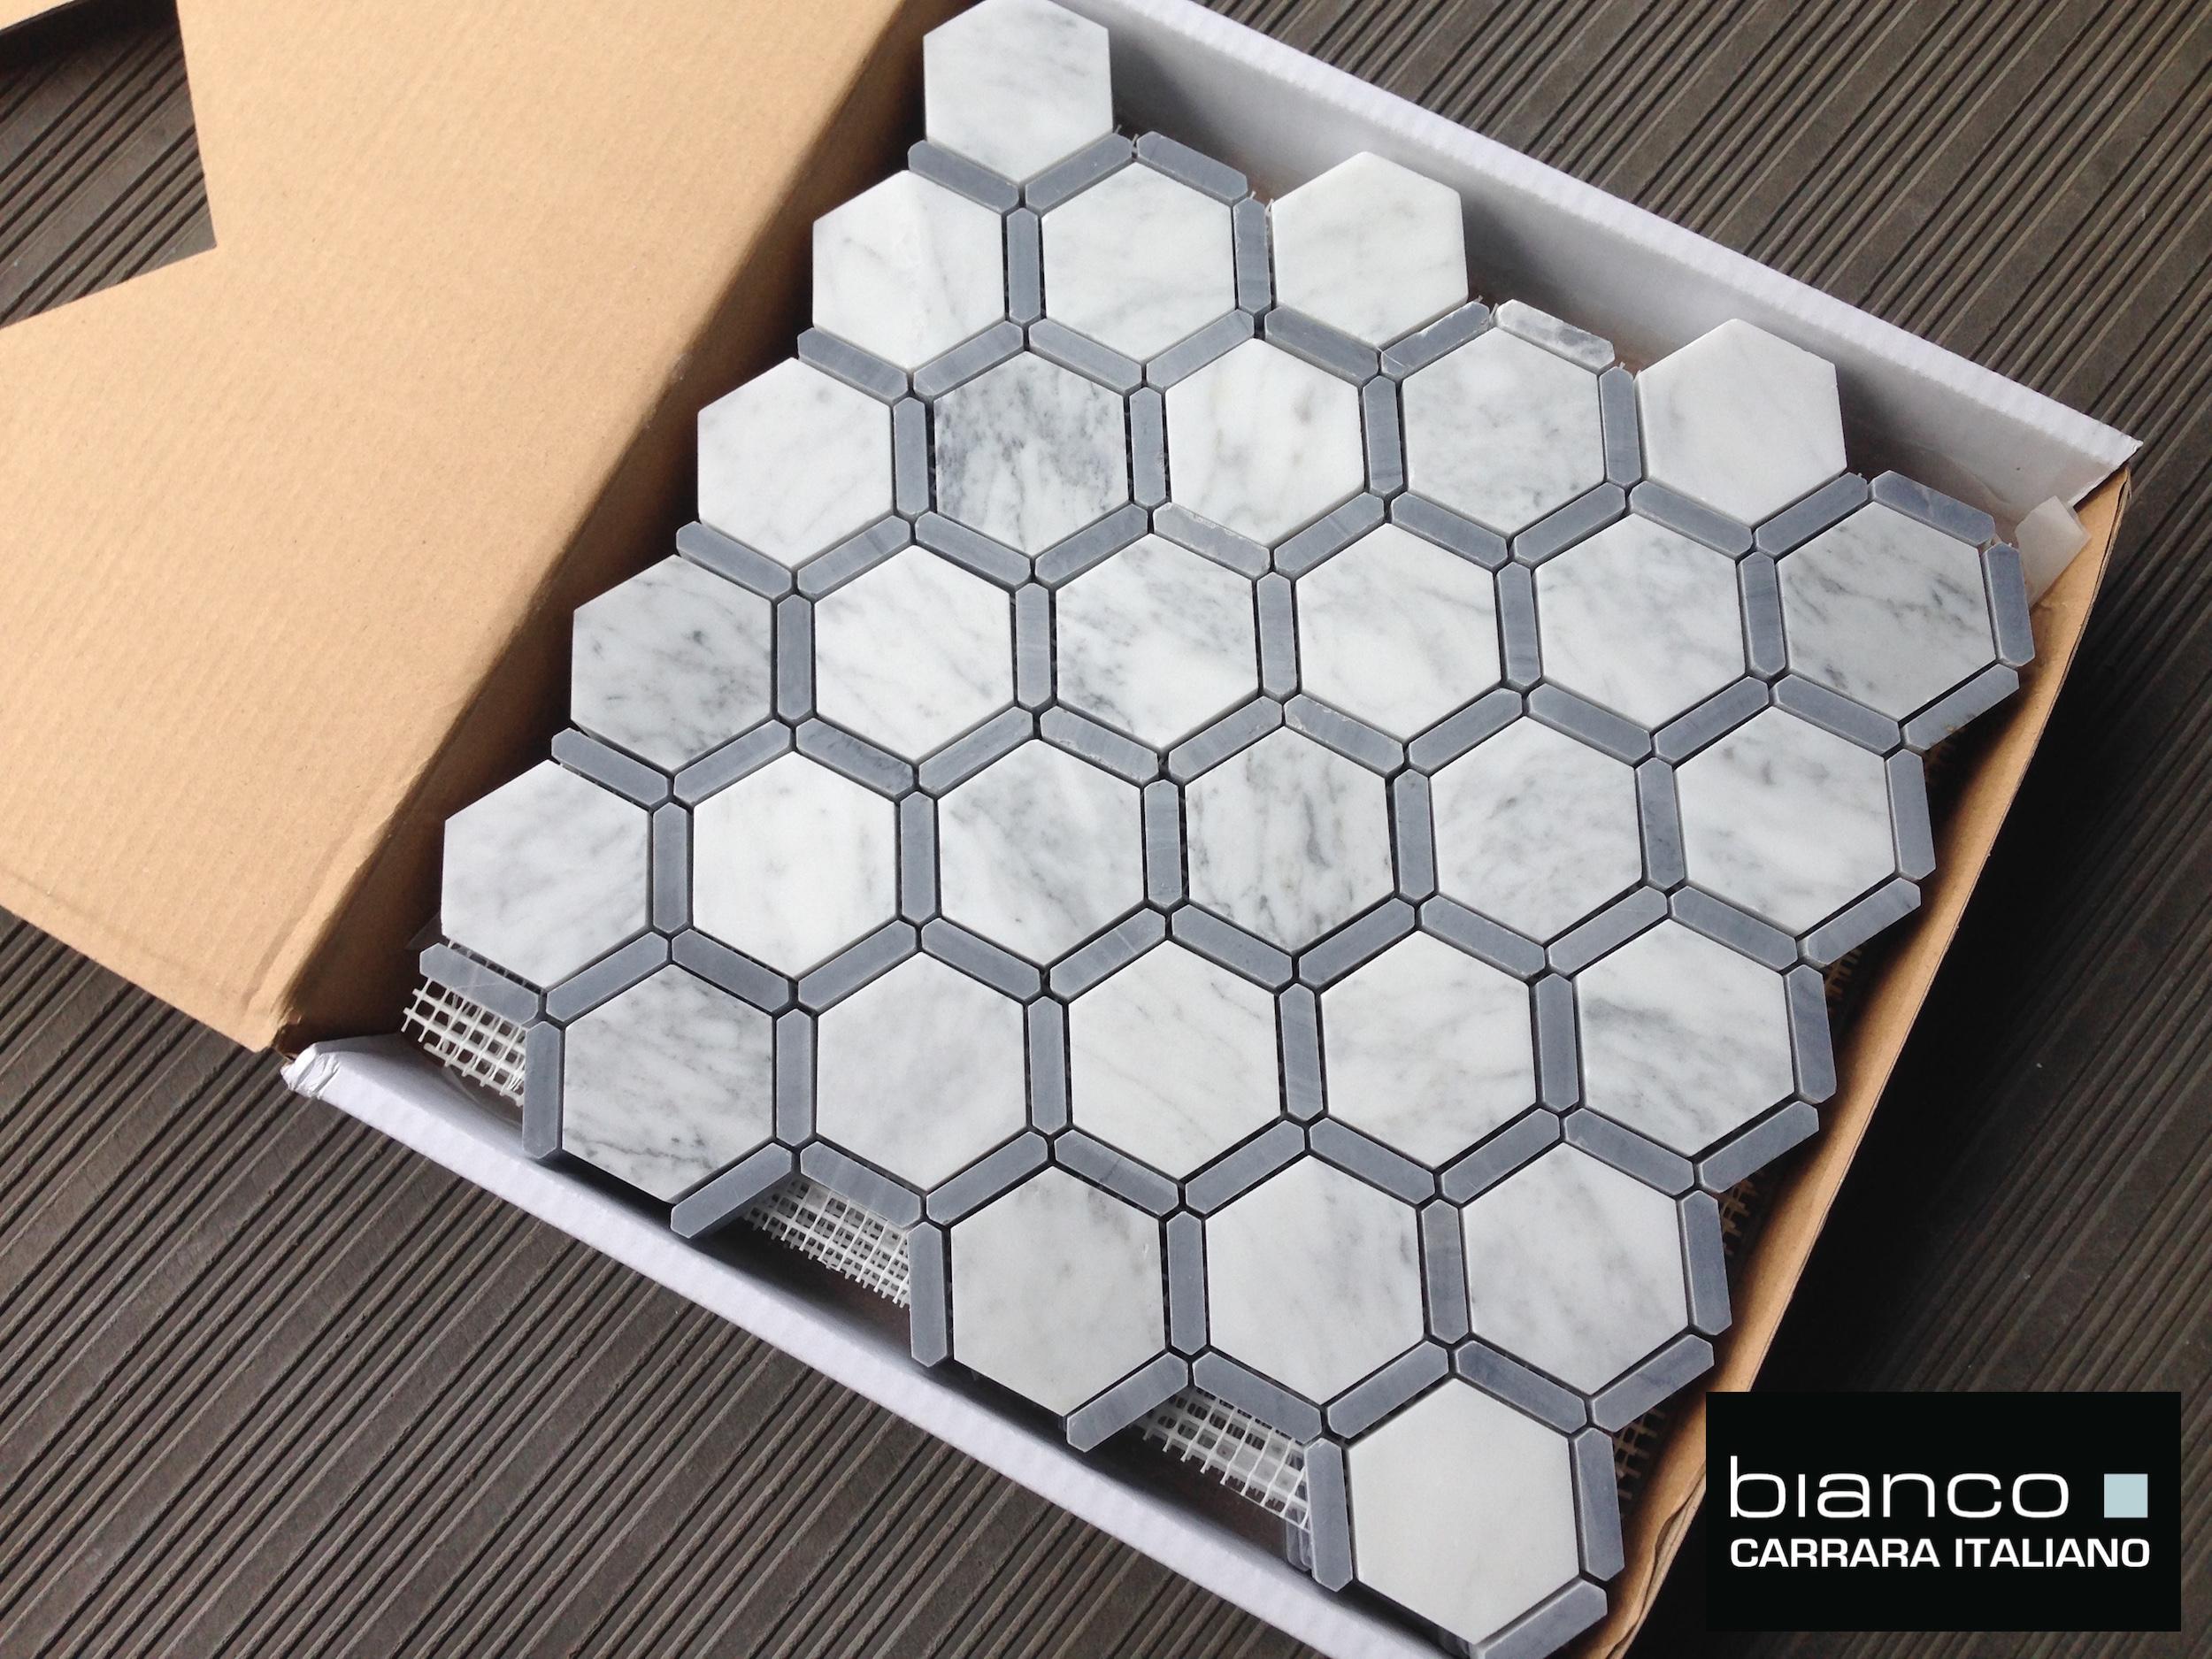 Carrara mosaic floor tile image collections tile flooring design italian carrara 2 hexagon with bardiglio gray strip the builder carrara hexagon mosaic with bardiglio gray dailygadgetfo Images